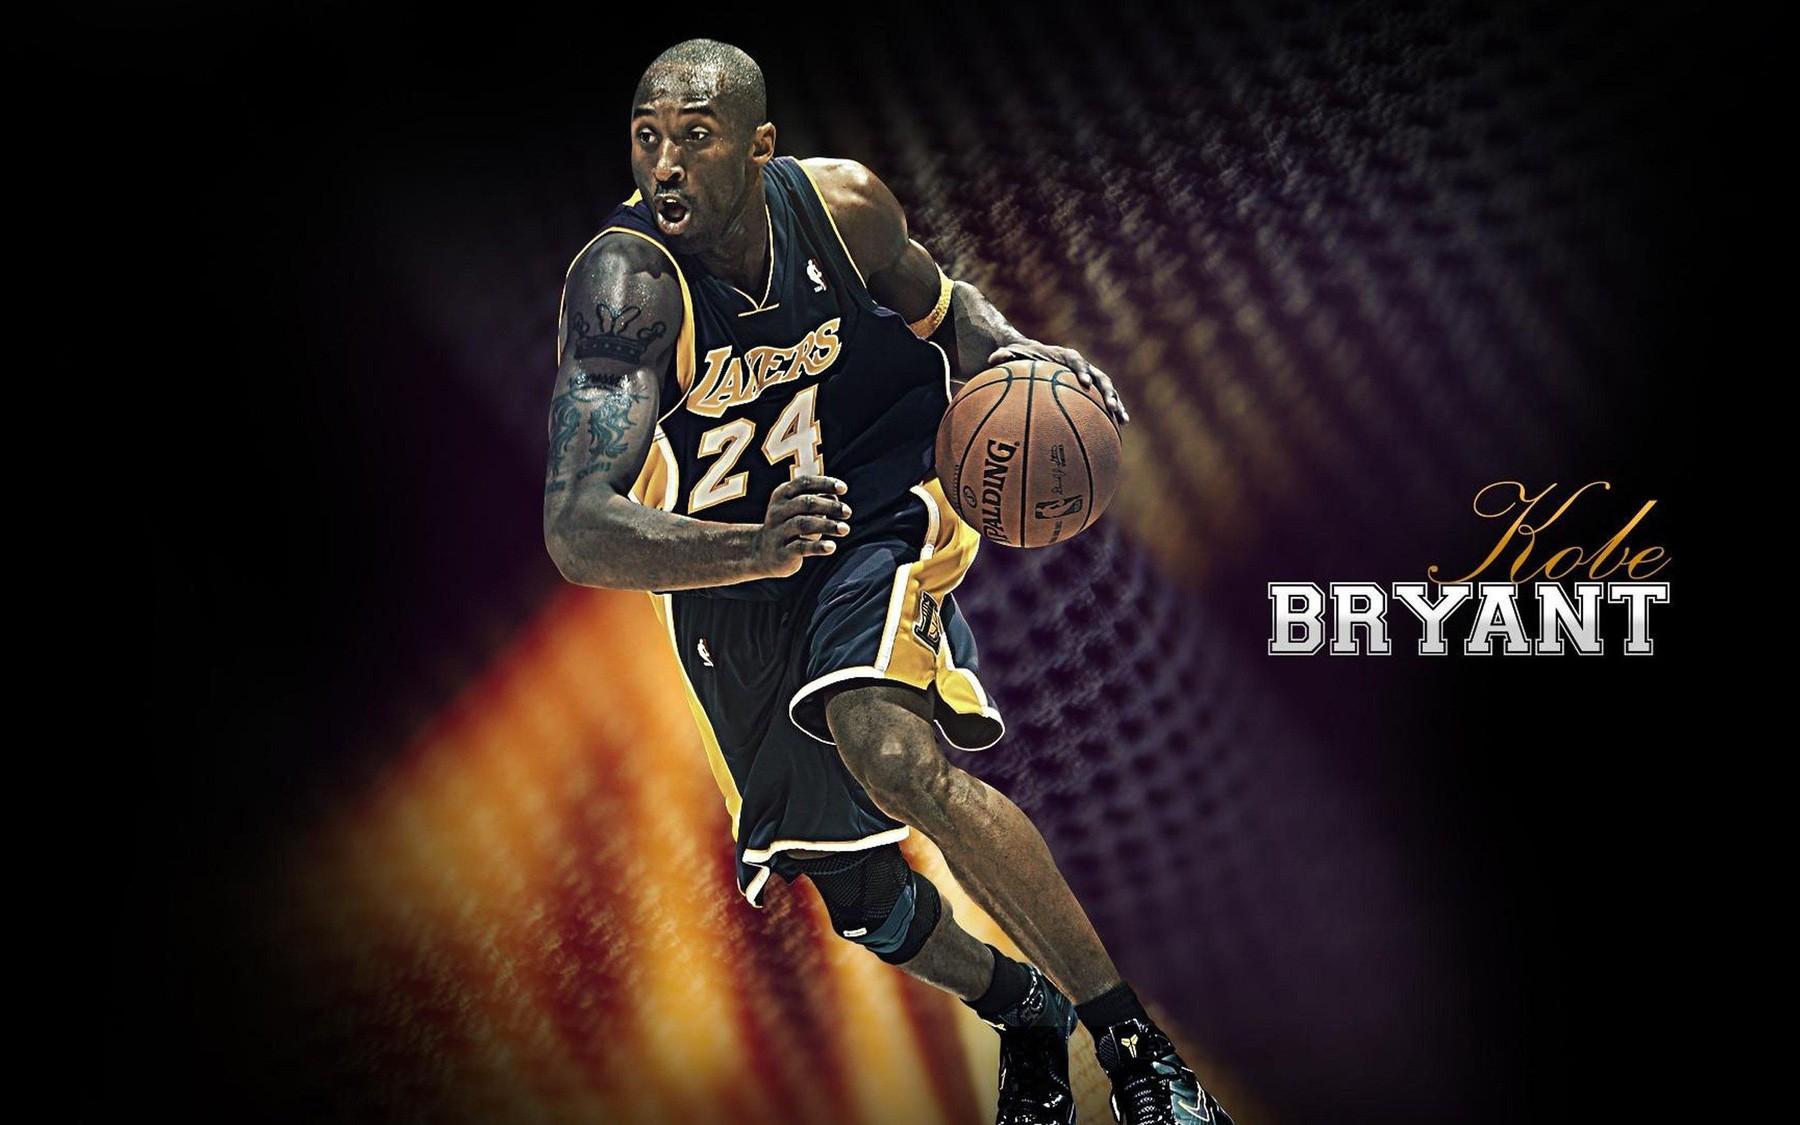 Mừng sinh nhật huyền thoại Kobe Bryant, hãy cùng điểm lại những câu chuyện truyền động lực đáng nhớ nhất của ngôi sao này